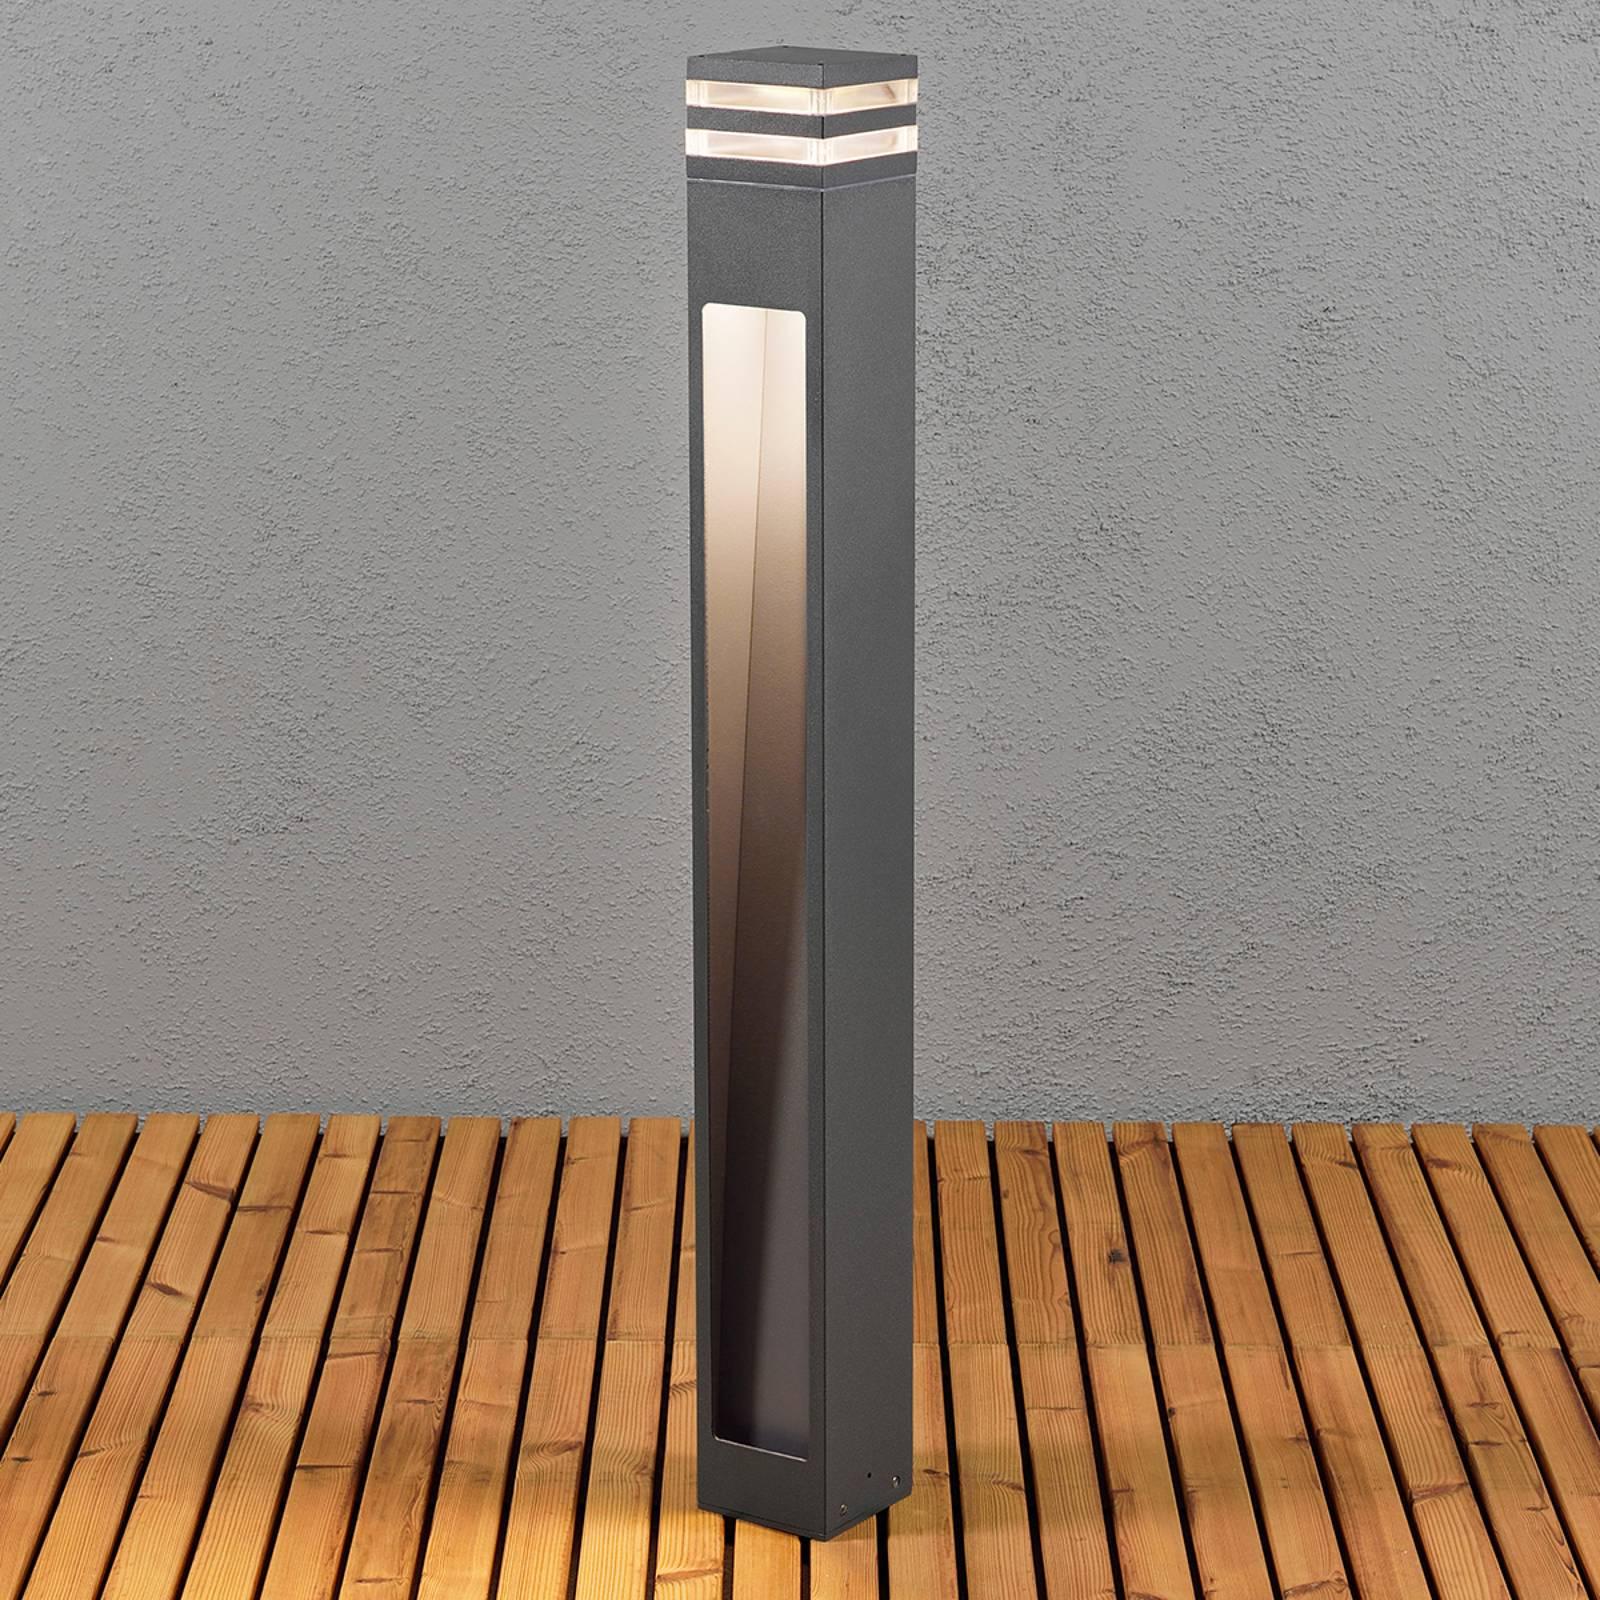 Schlanke LED-Wegeleuchte Massa günstig online kaufen